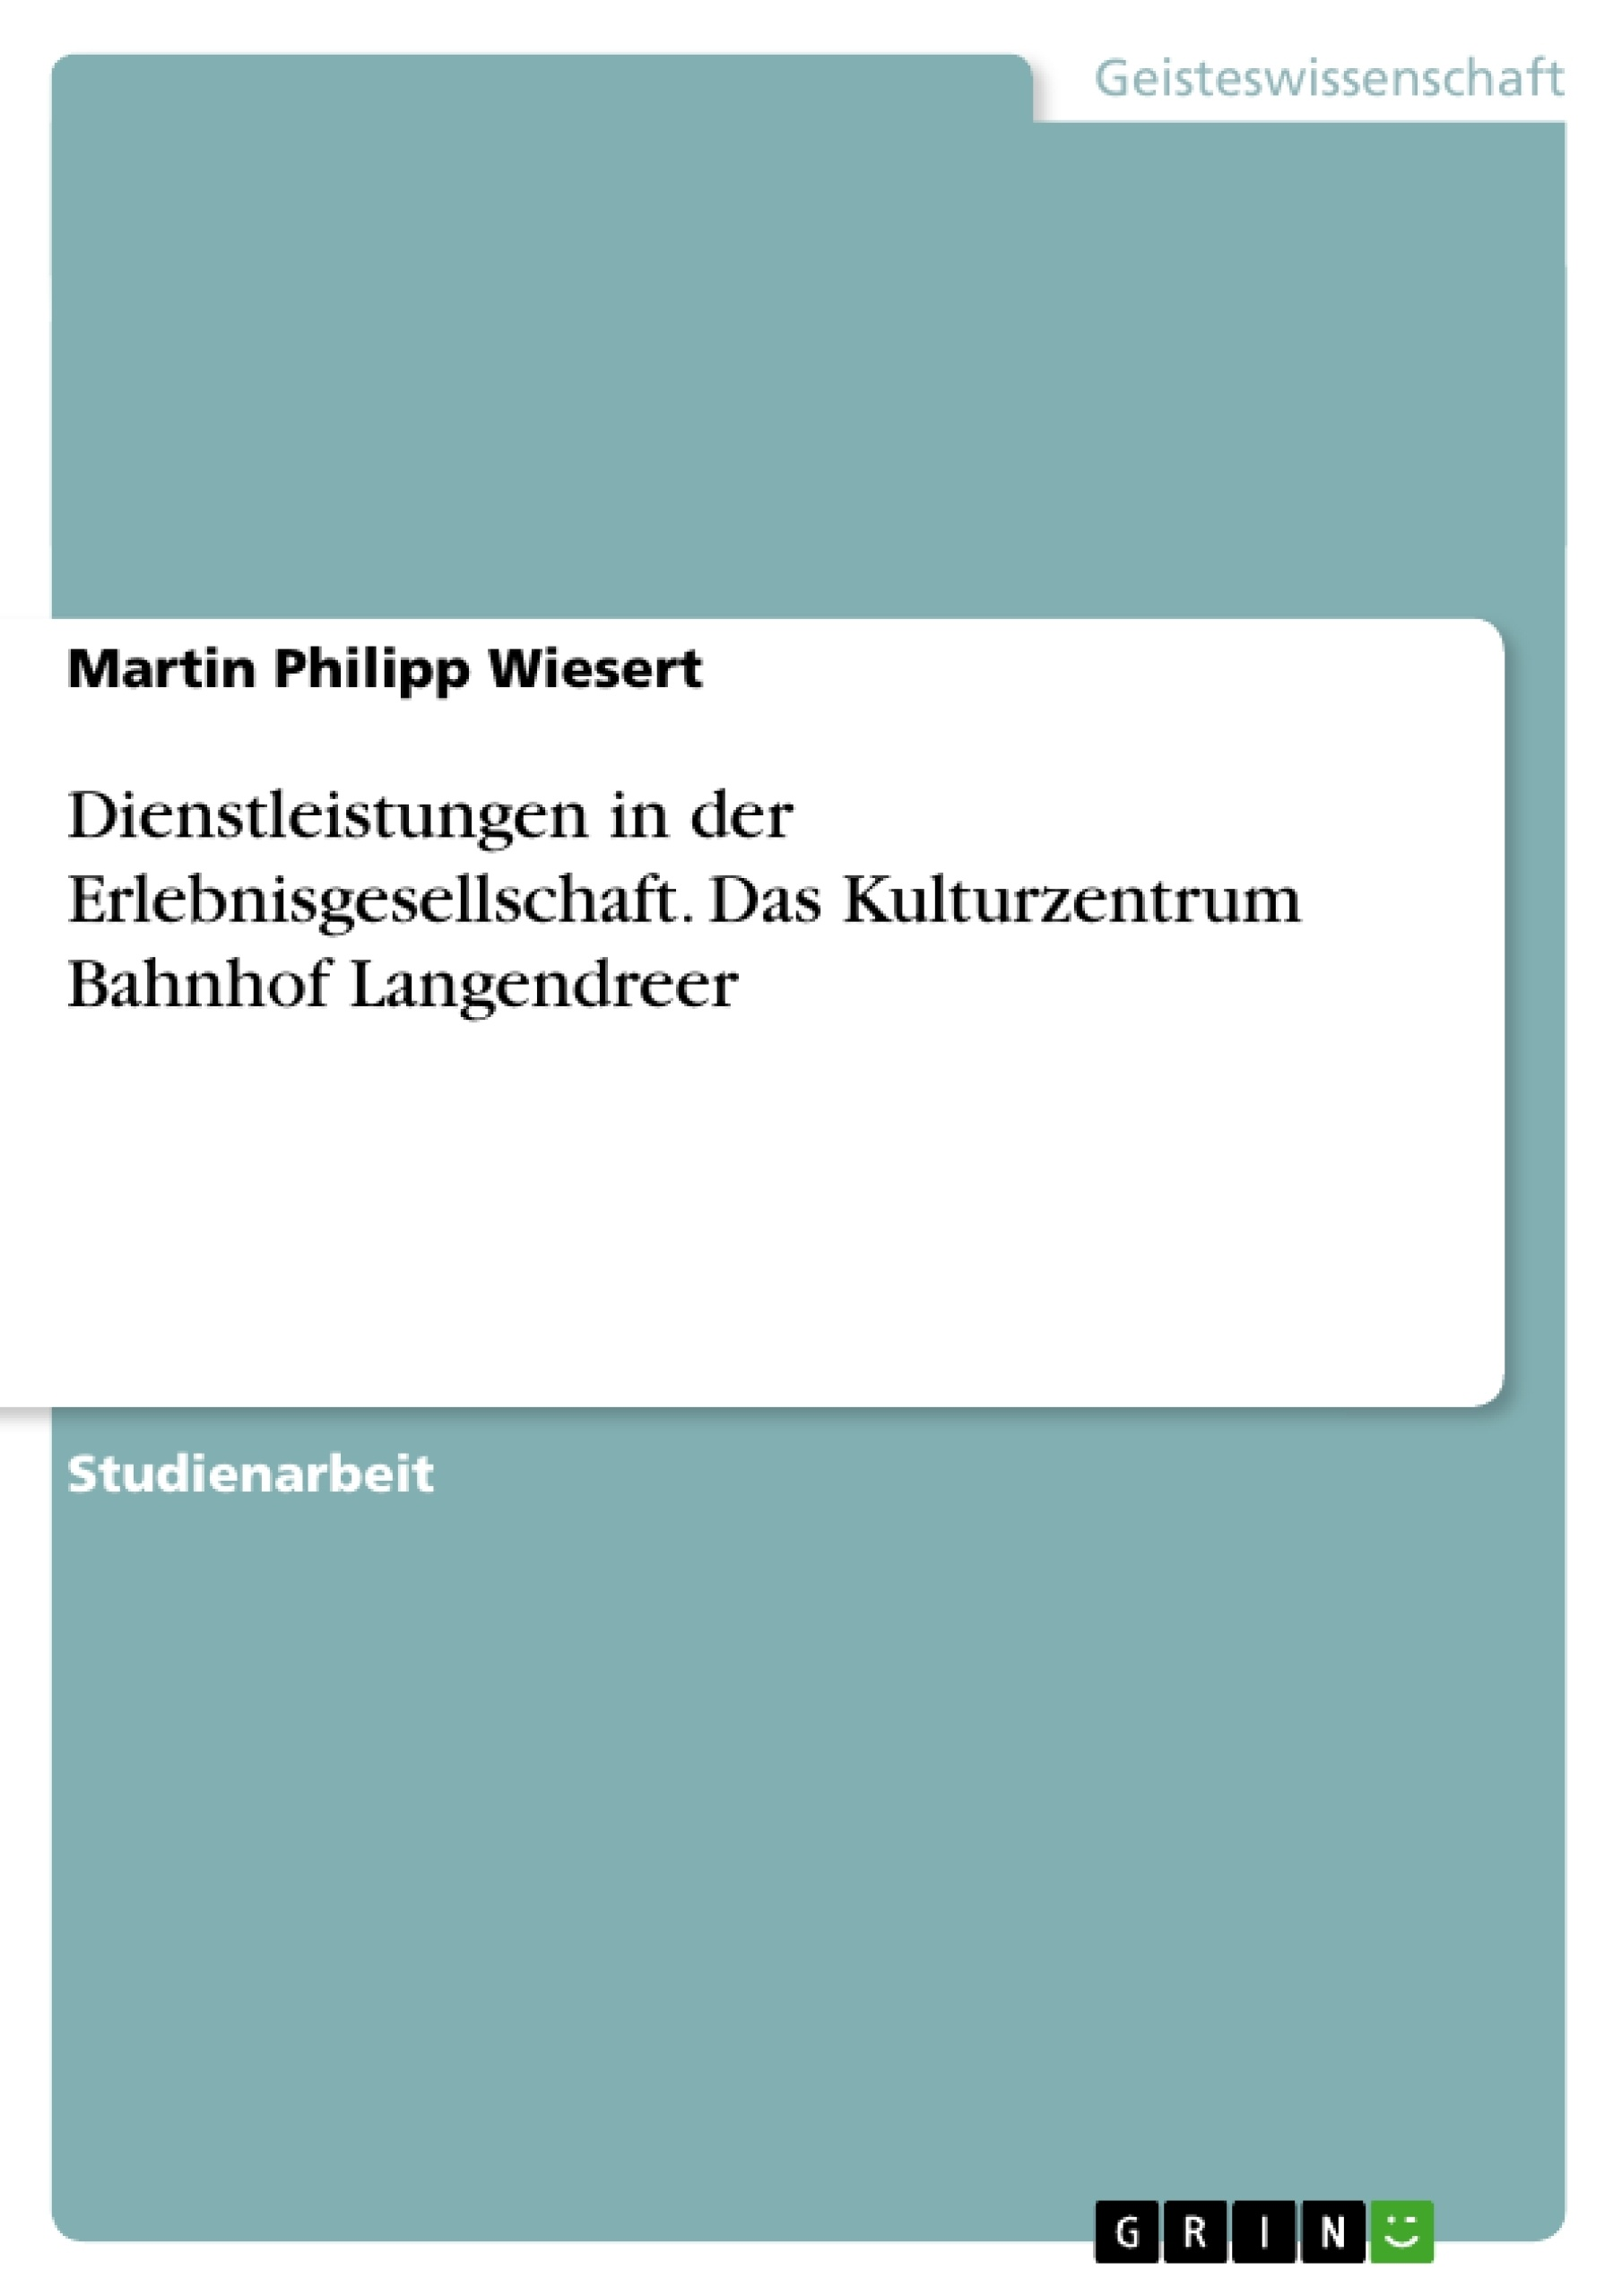 Titel: Dienstleistungen in der Erlebnisgesellschaft. Das Kulturzentrum Bahnhof Langendreer